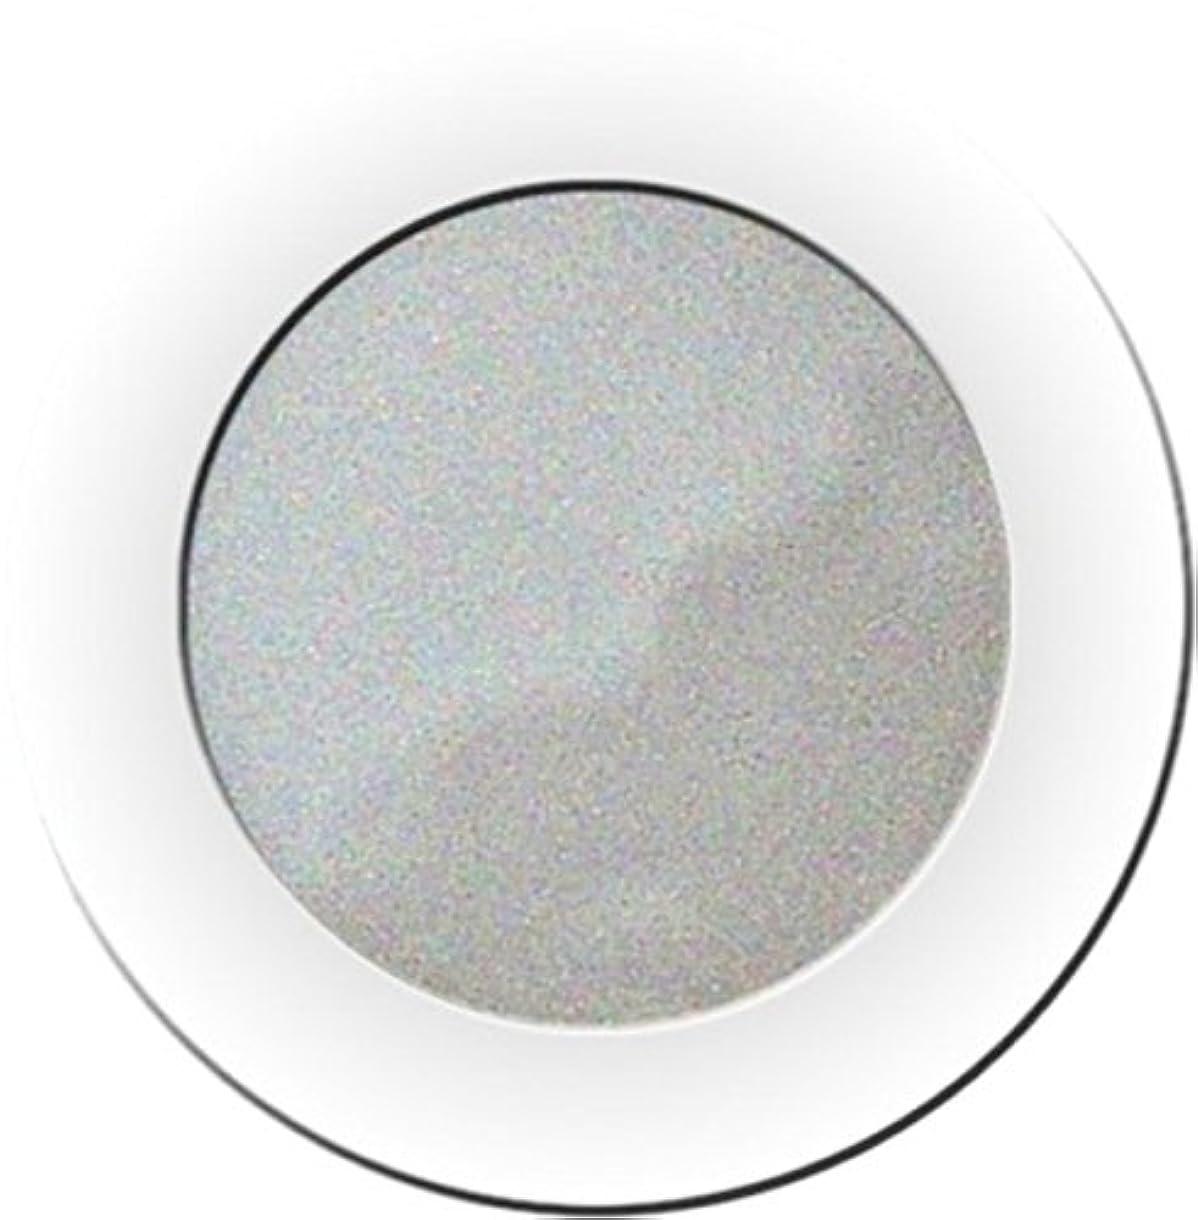 戸惑う北方絶対のカラーパウダー 7g リリック